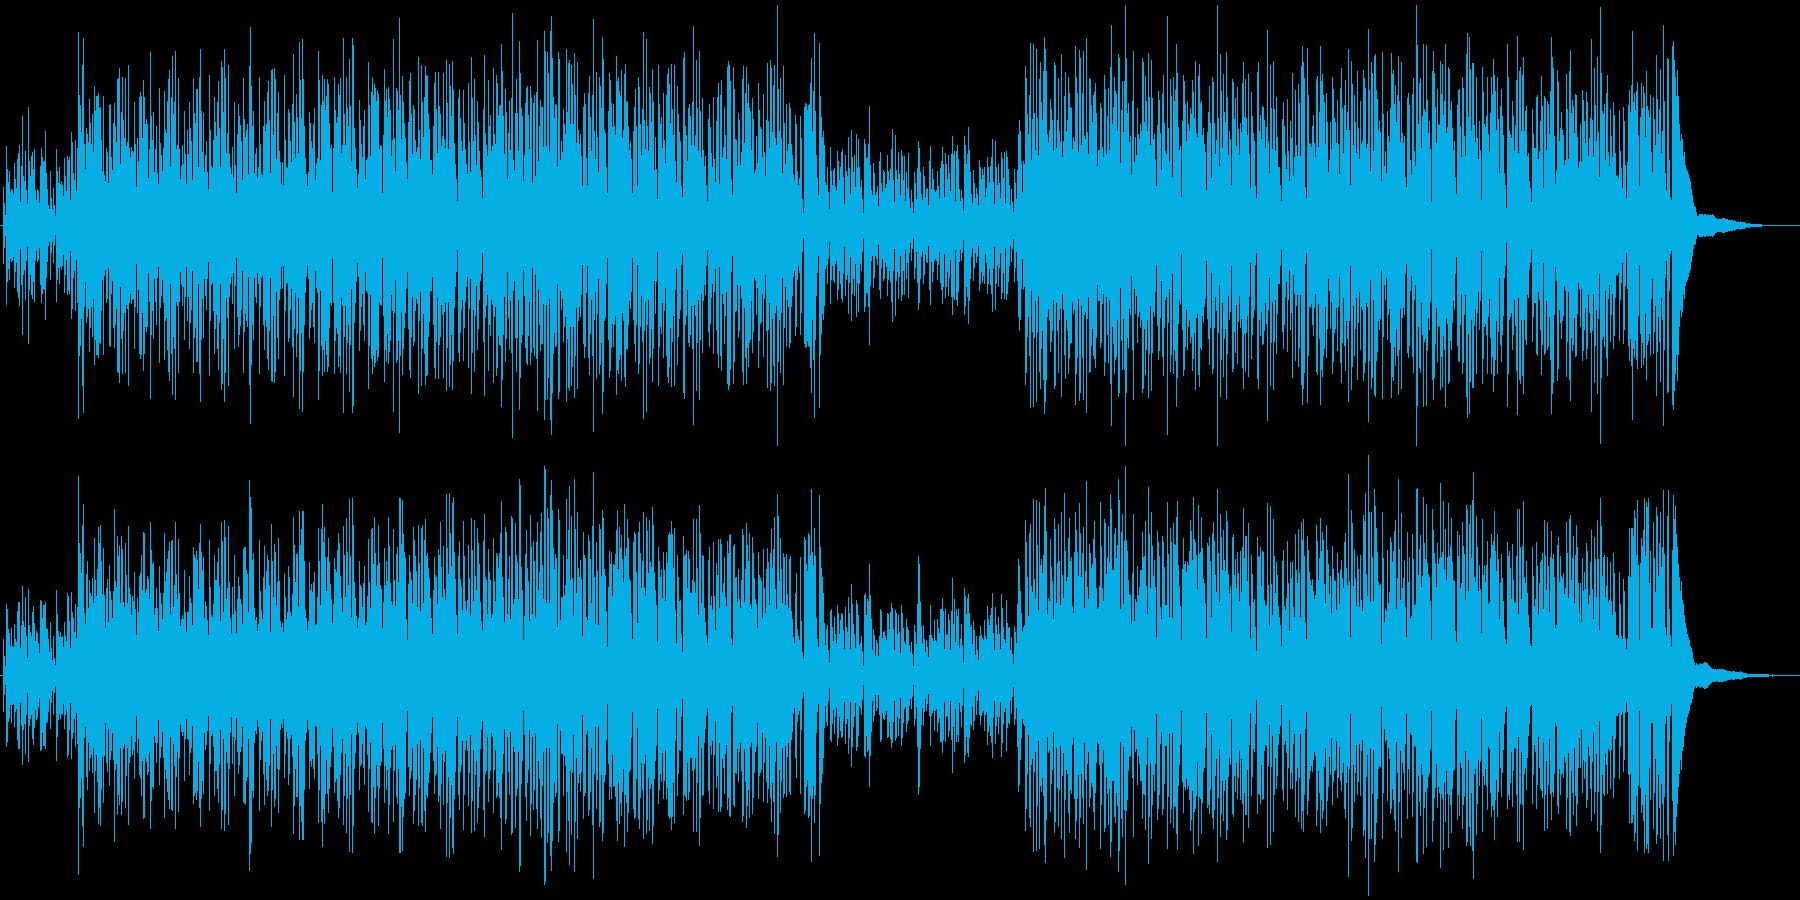 明るく楽しいアコースティックポップスの再生済みの波形